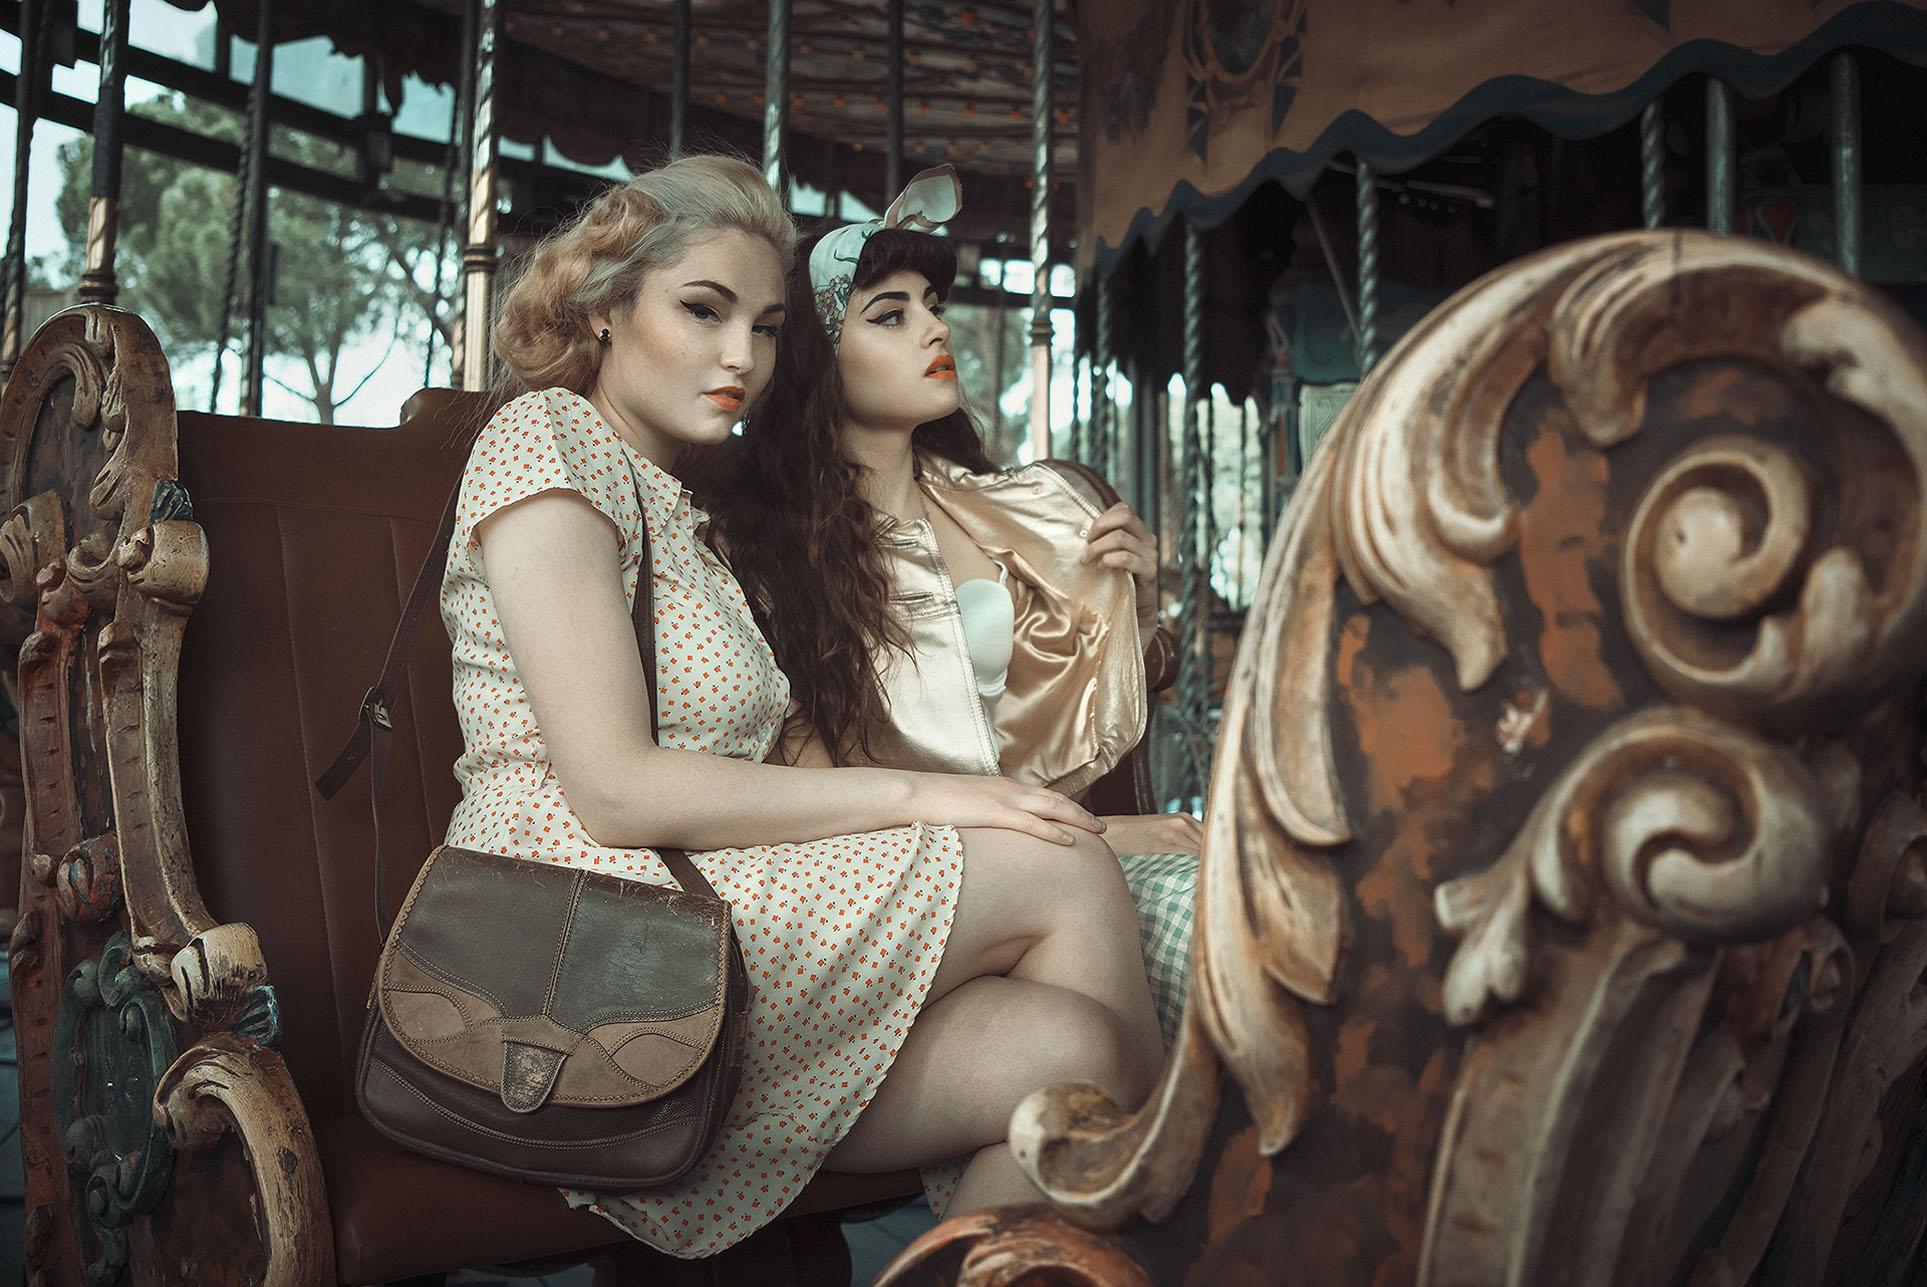 Девушки отдыхают в парке развлечений в стиле 1950-х годов / фото 06